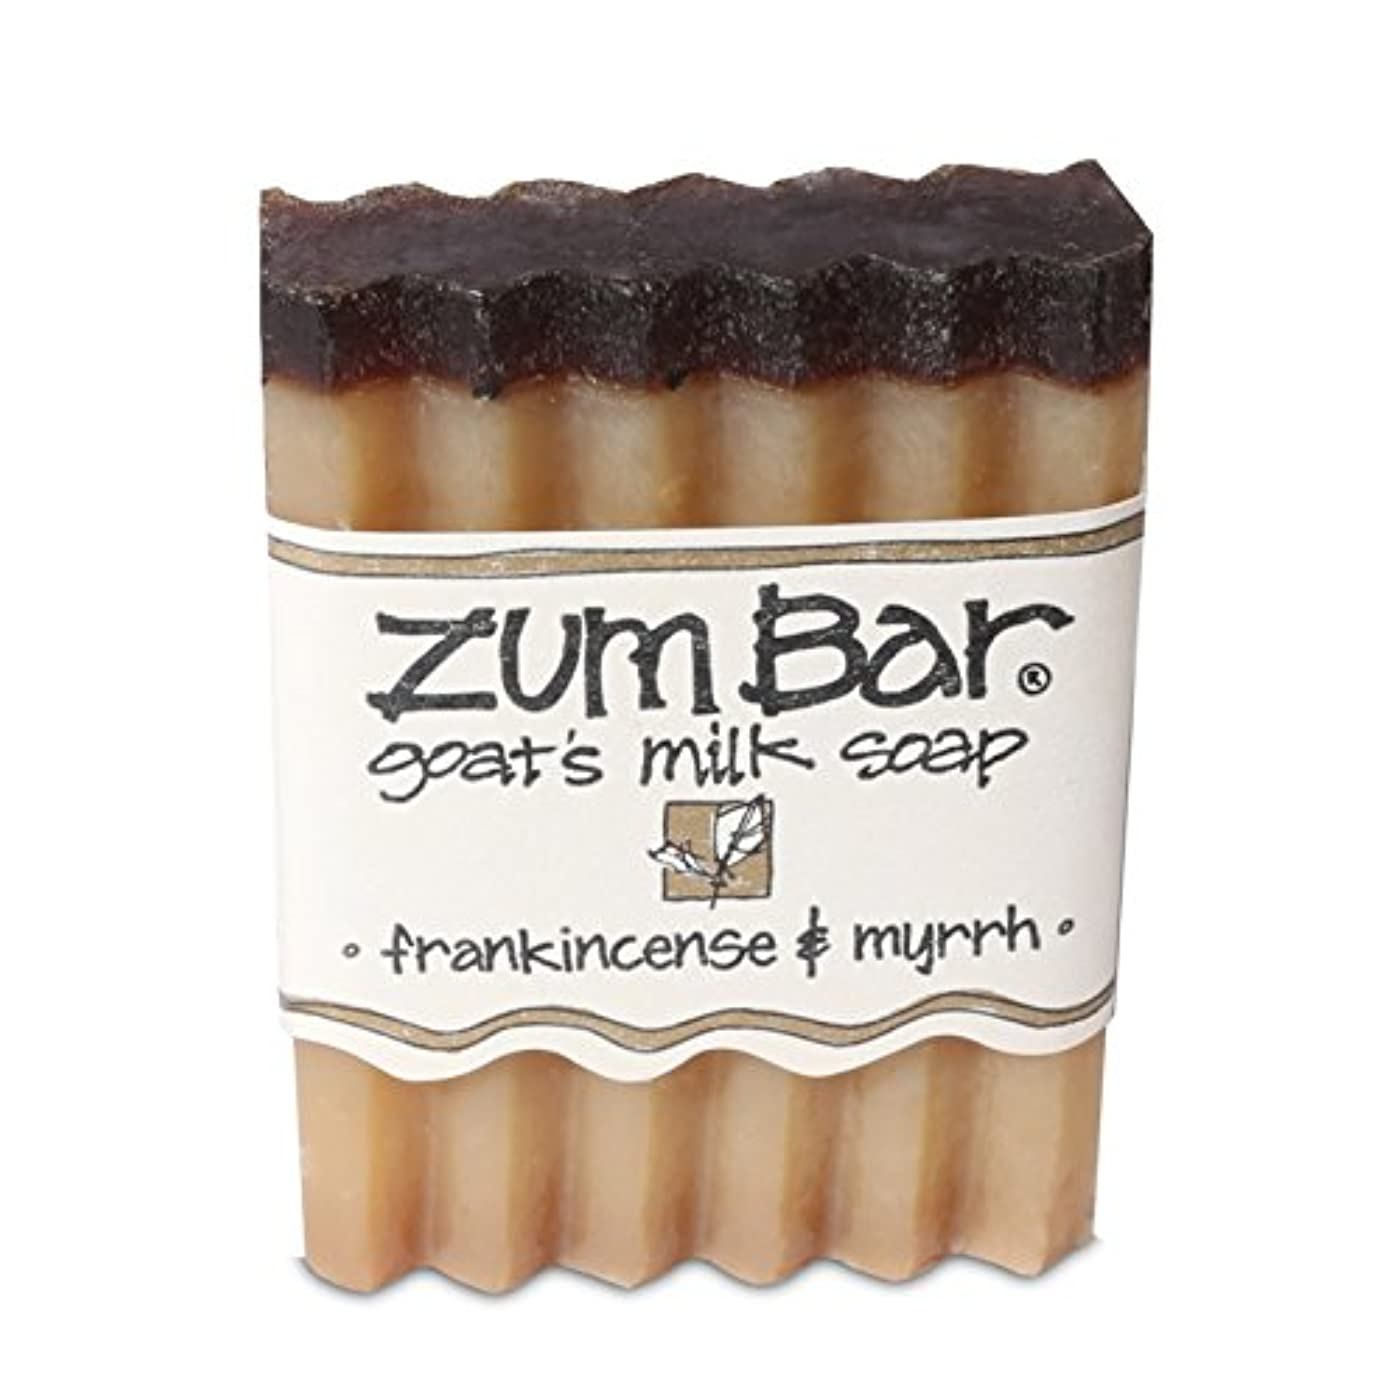 知性一目隙間海外直送品 Indigo Wild, Zum Bar, Goat's ミルク ソープ フランキンセンス&ミルラ, 3 Ounces (2個セット) (Frankincense & Myrrh) [並行輸入品]